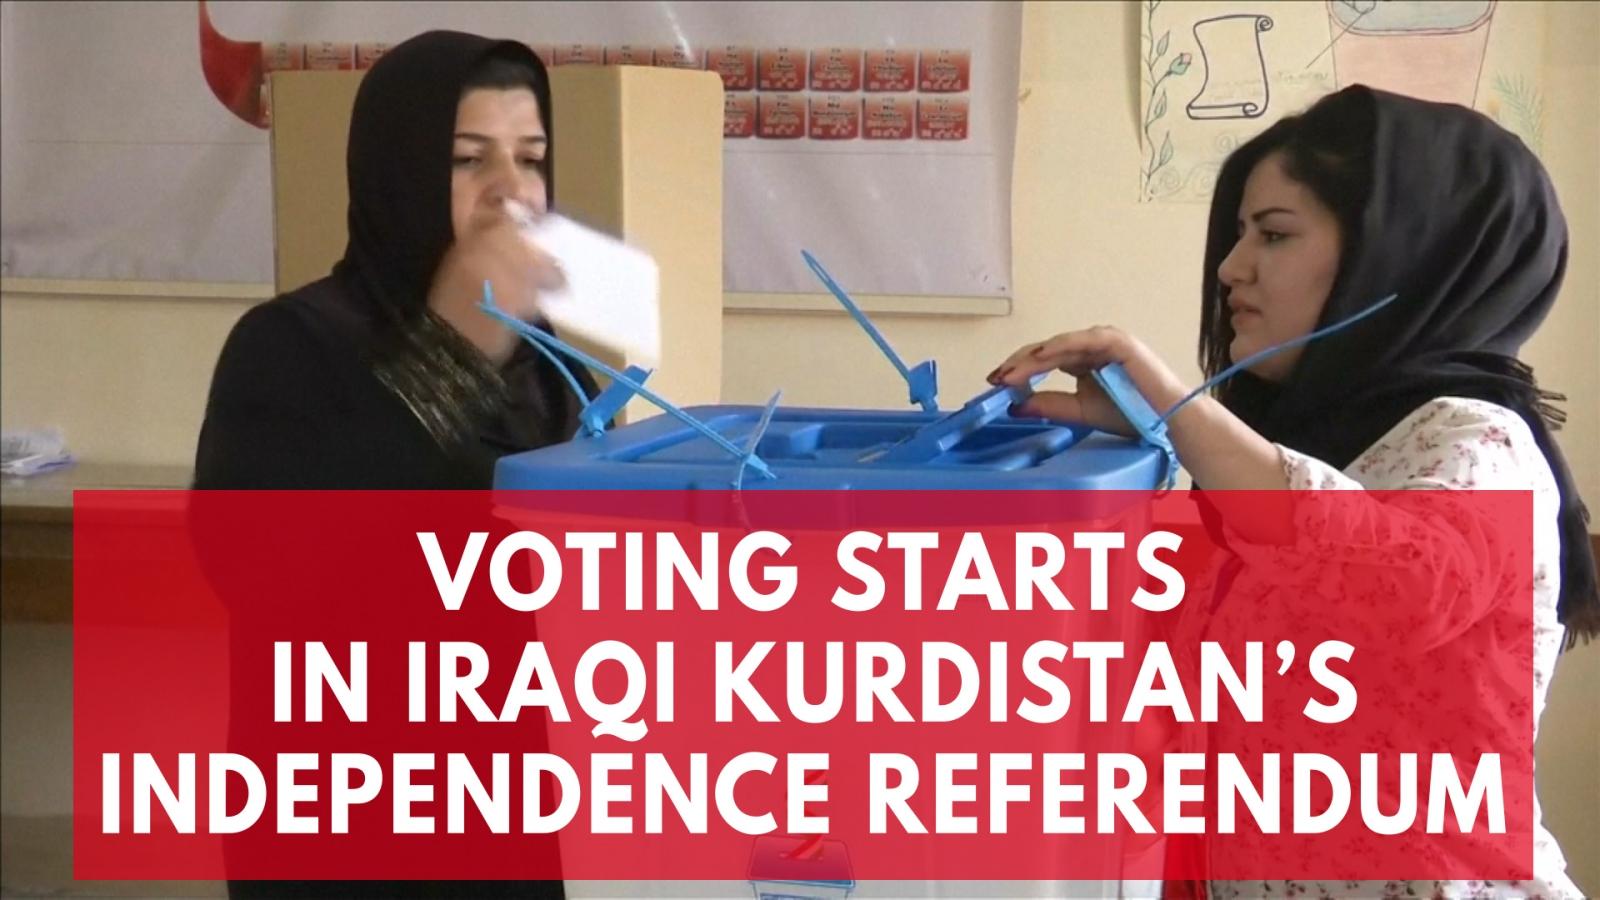 voting-starts-in-iraqi-kurdistans-independence-referendum